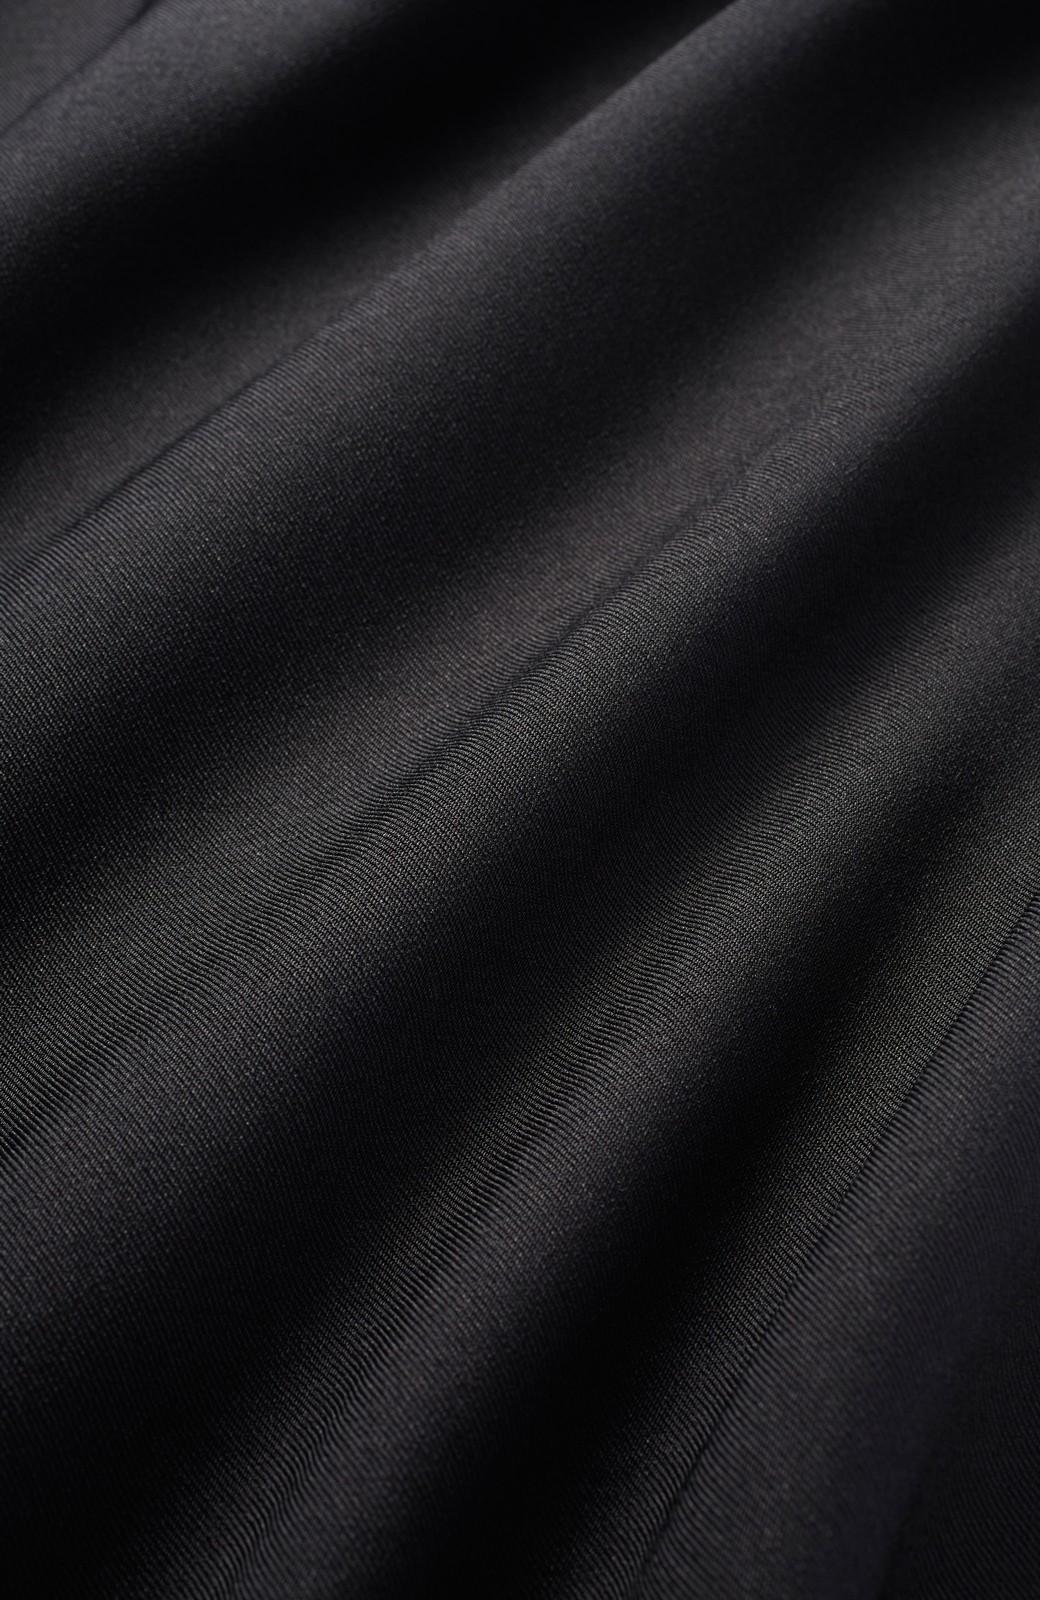 エムトロワ 女子ごころにちょうどいいティアードキャミオールインワン <ブラック>の商品写真2